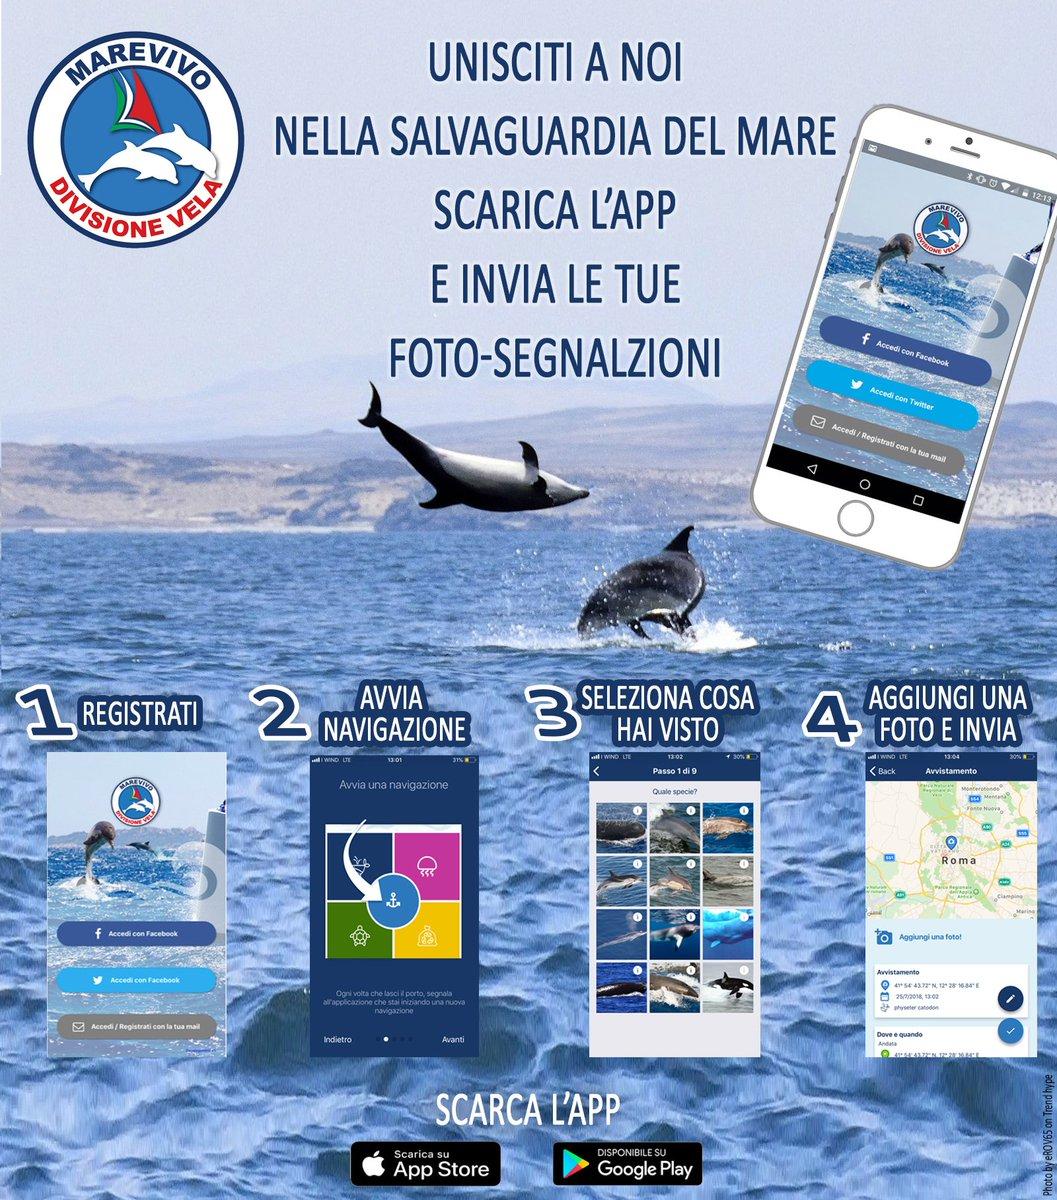 Stai navigando in #mare? Scarica l\